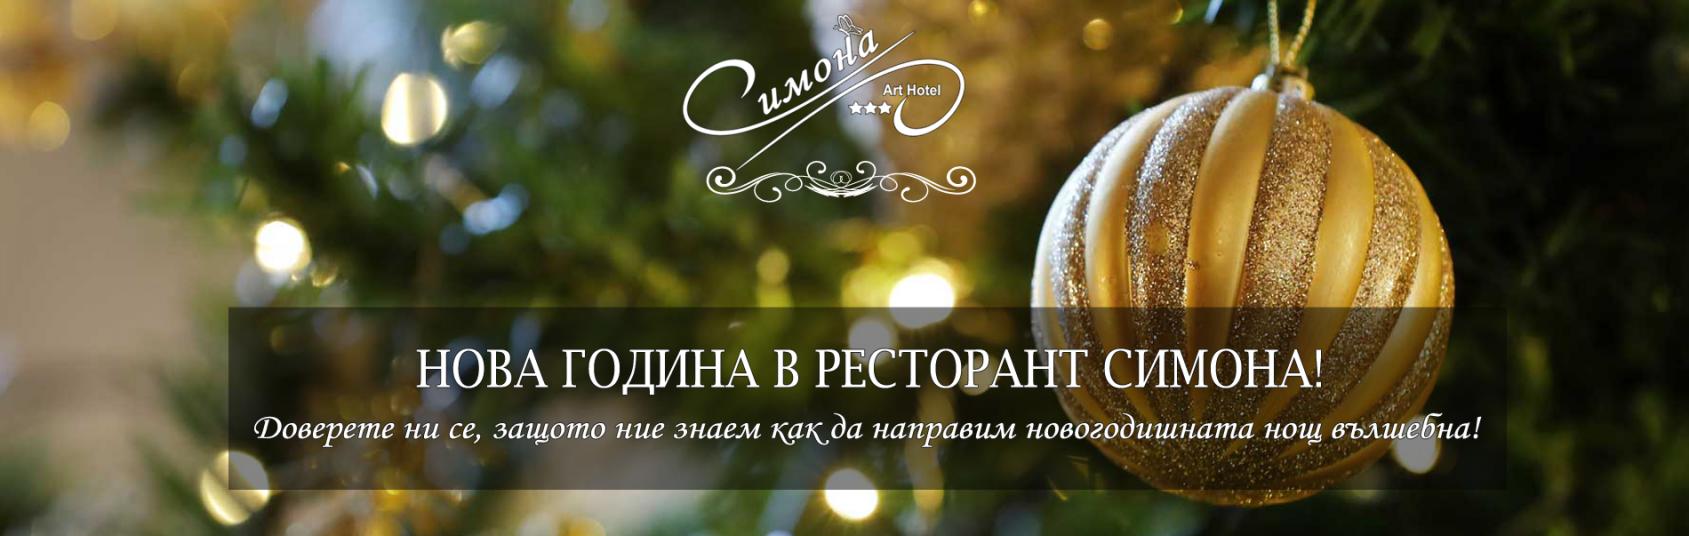 Нова Година 2019 в ресторант Симона